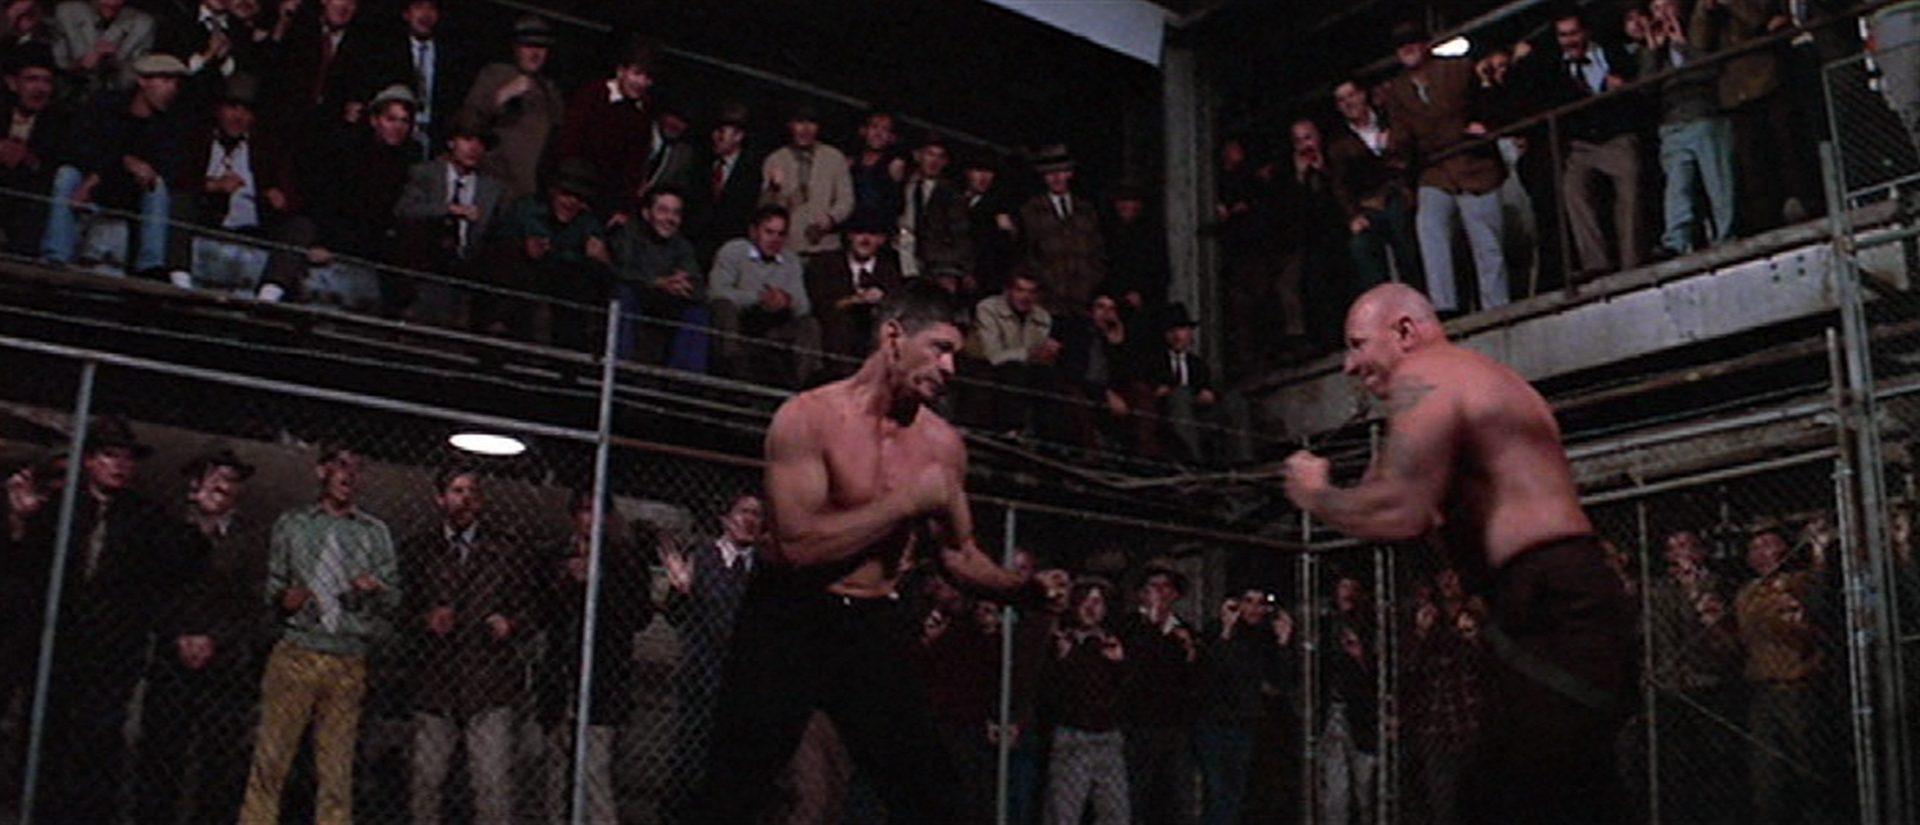 Charles Bronson als Streetfighter in Zweikampfpose in einer hitzigen Arena vor Publikum mit einem von Robert Tessier gespielten Gegner.